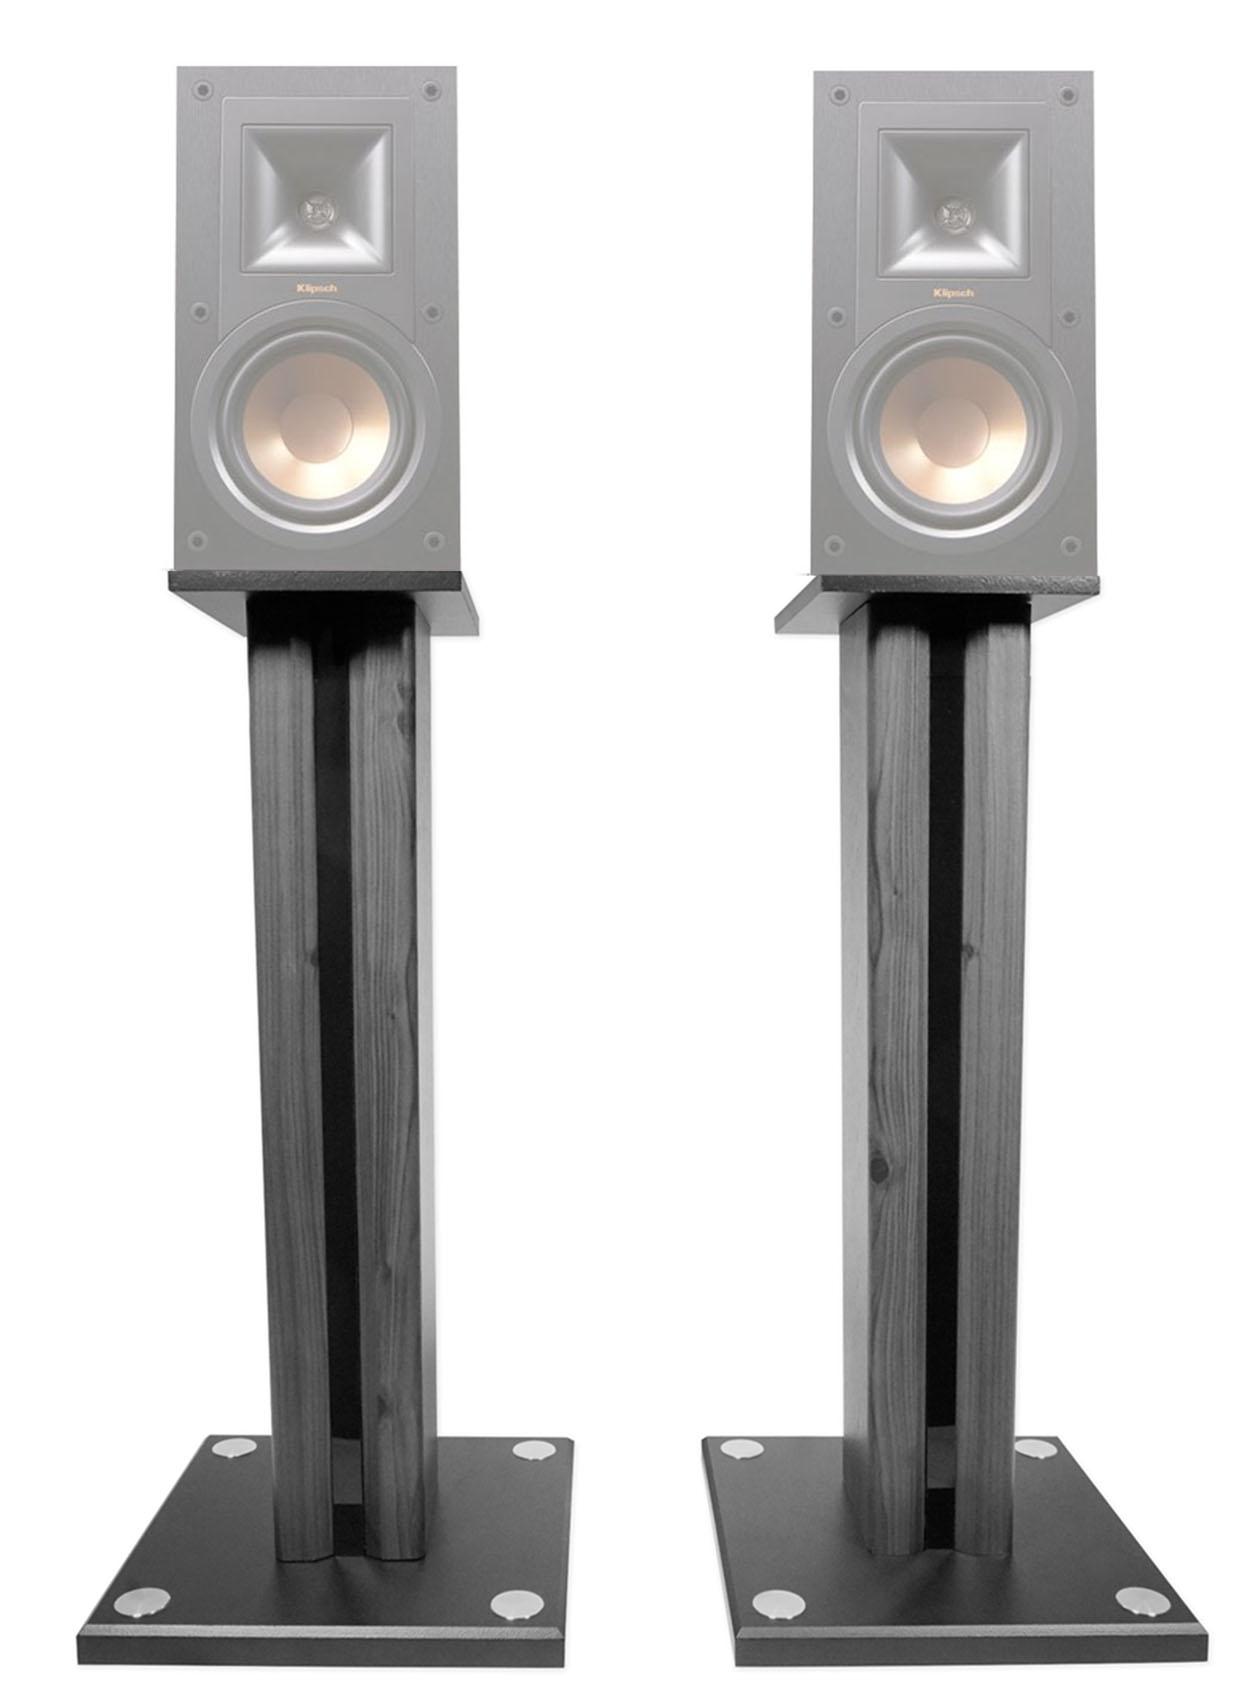 """Pair 26"""" Bookshelf Speaker Stands For Klipsch R-15M Bookshelf Speakers by Technical Pro"""